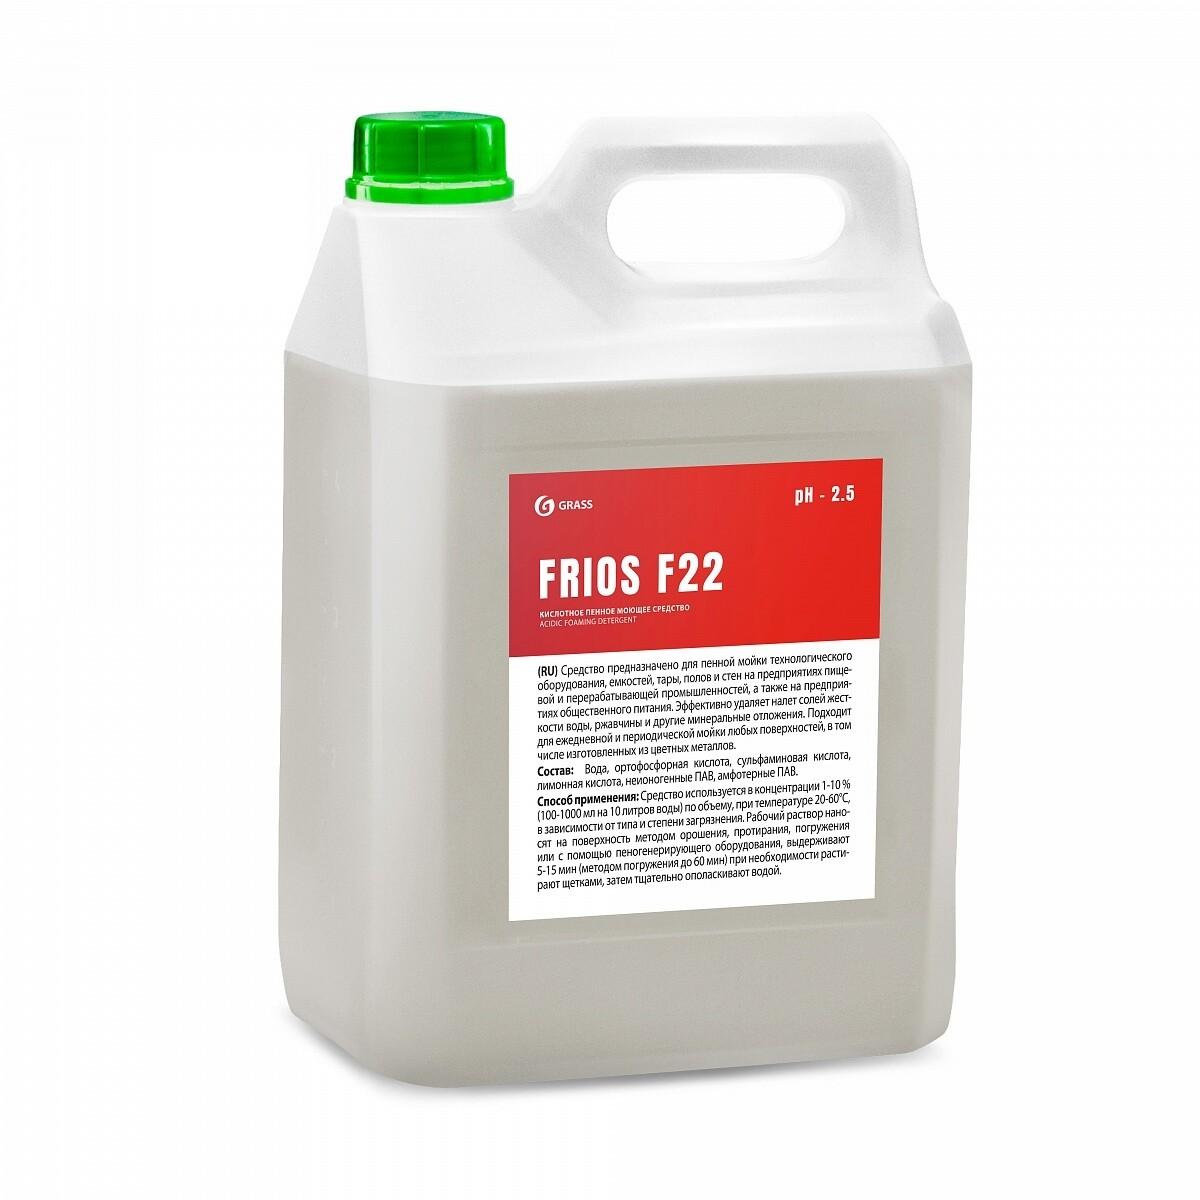 Кислотное пенное моющее средство FRIOS F22